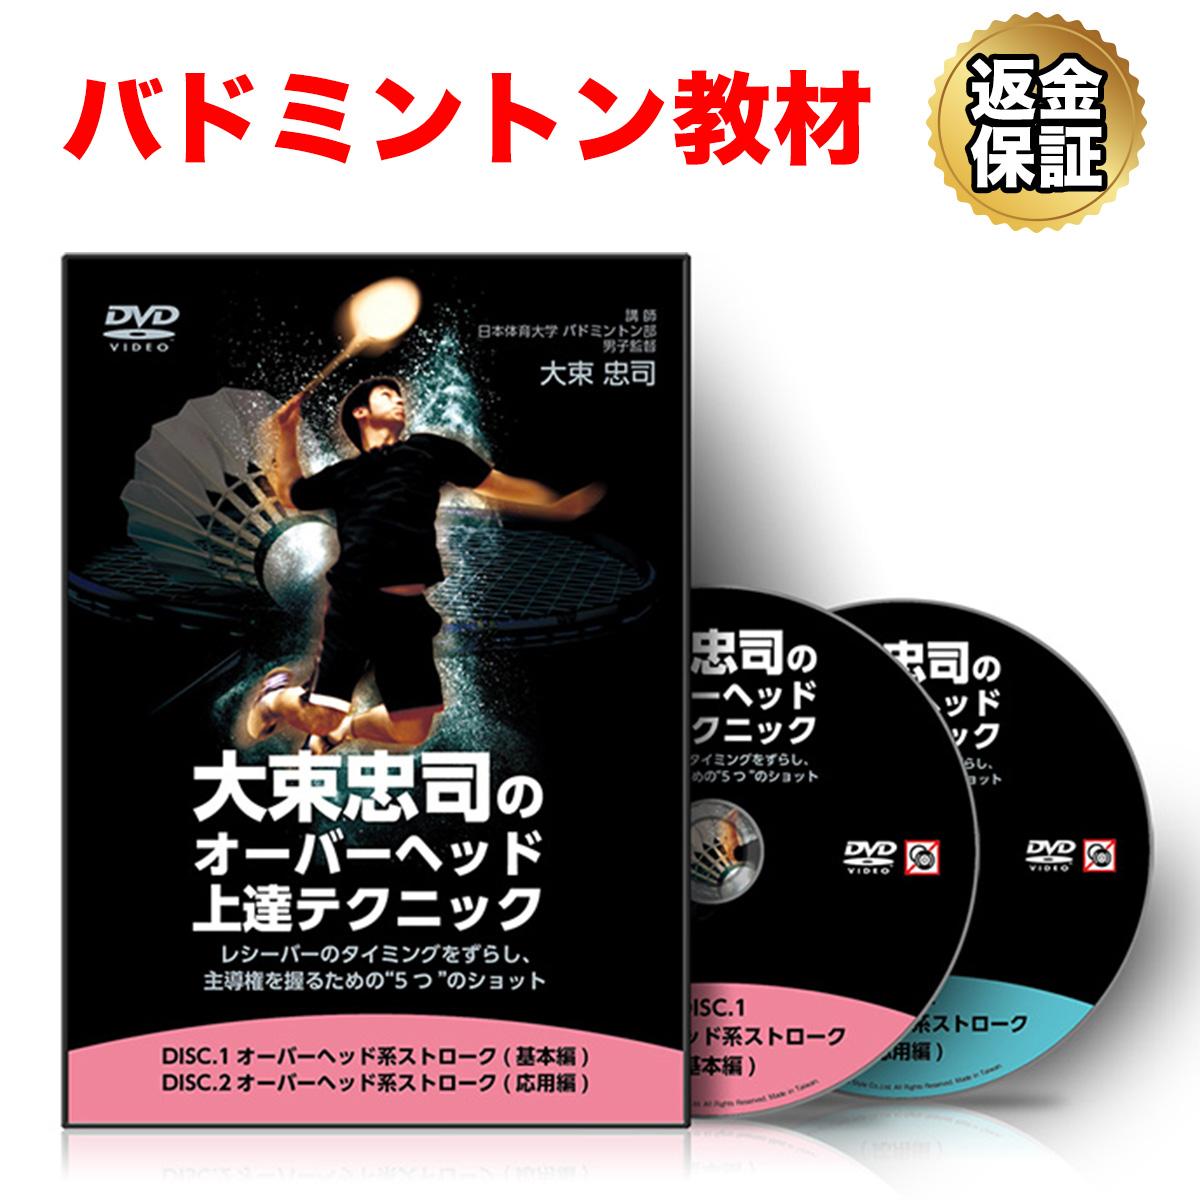 バドミントン 教材 DVD 大束忠司の「オーバーヘッド上達テクニック」~レシーバーのタイミングをずらし、主導権を握るための5つのショット~